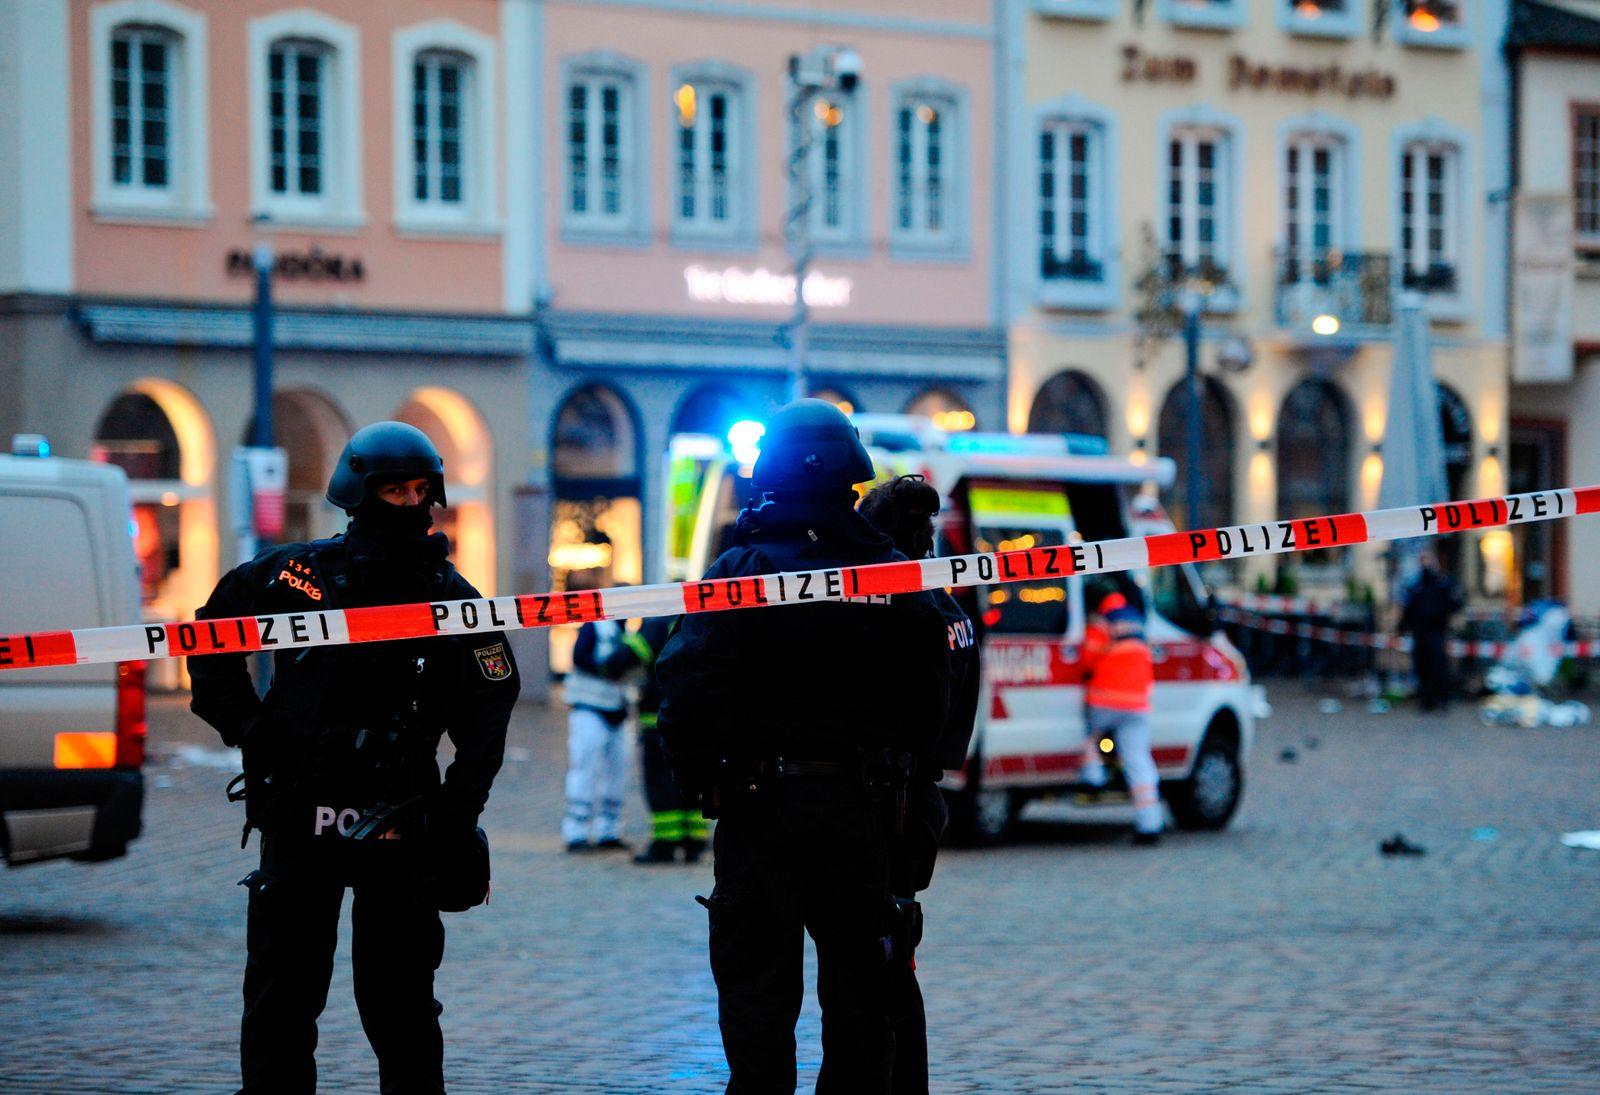 TOPSHOT-GERMANY-POLICE-CAR-ARREST